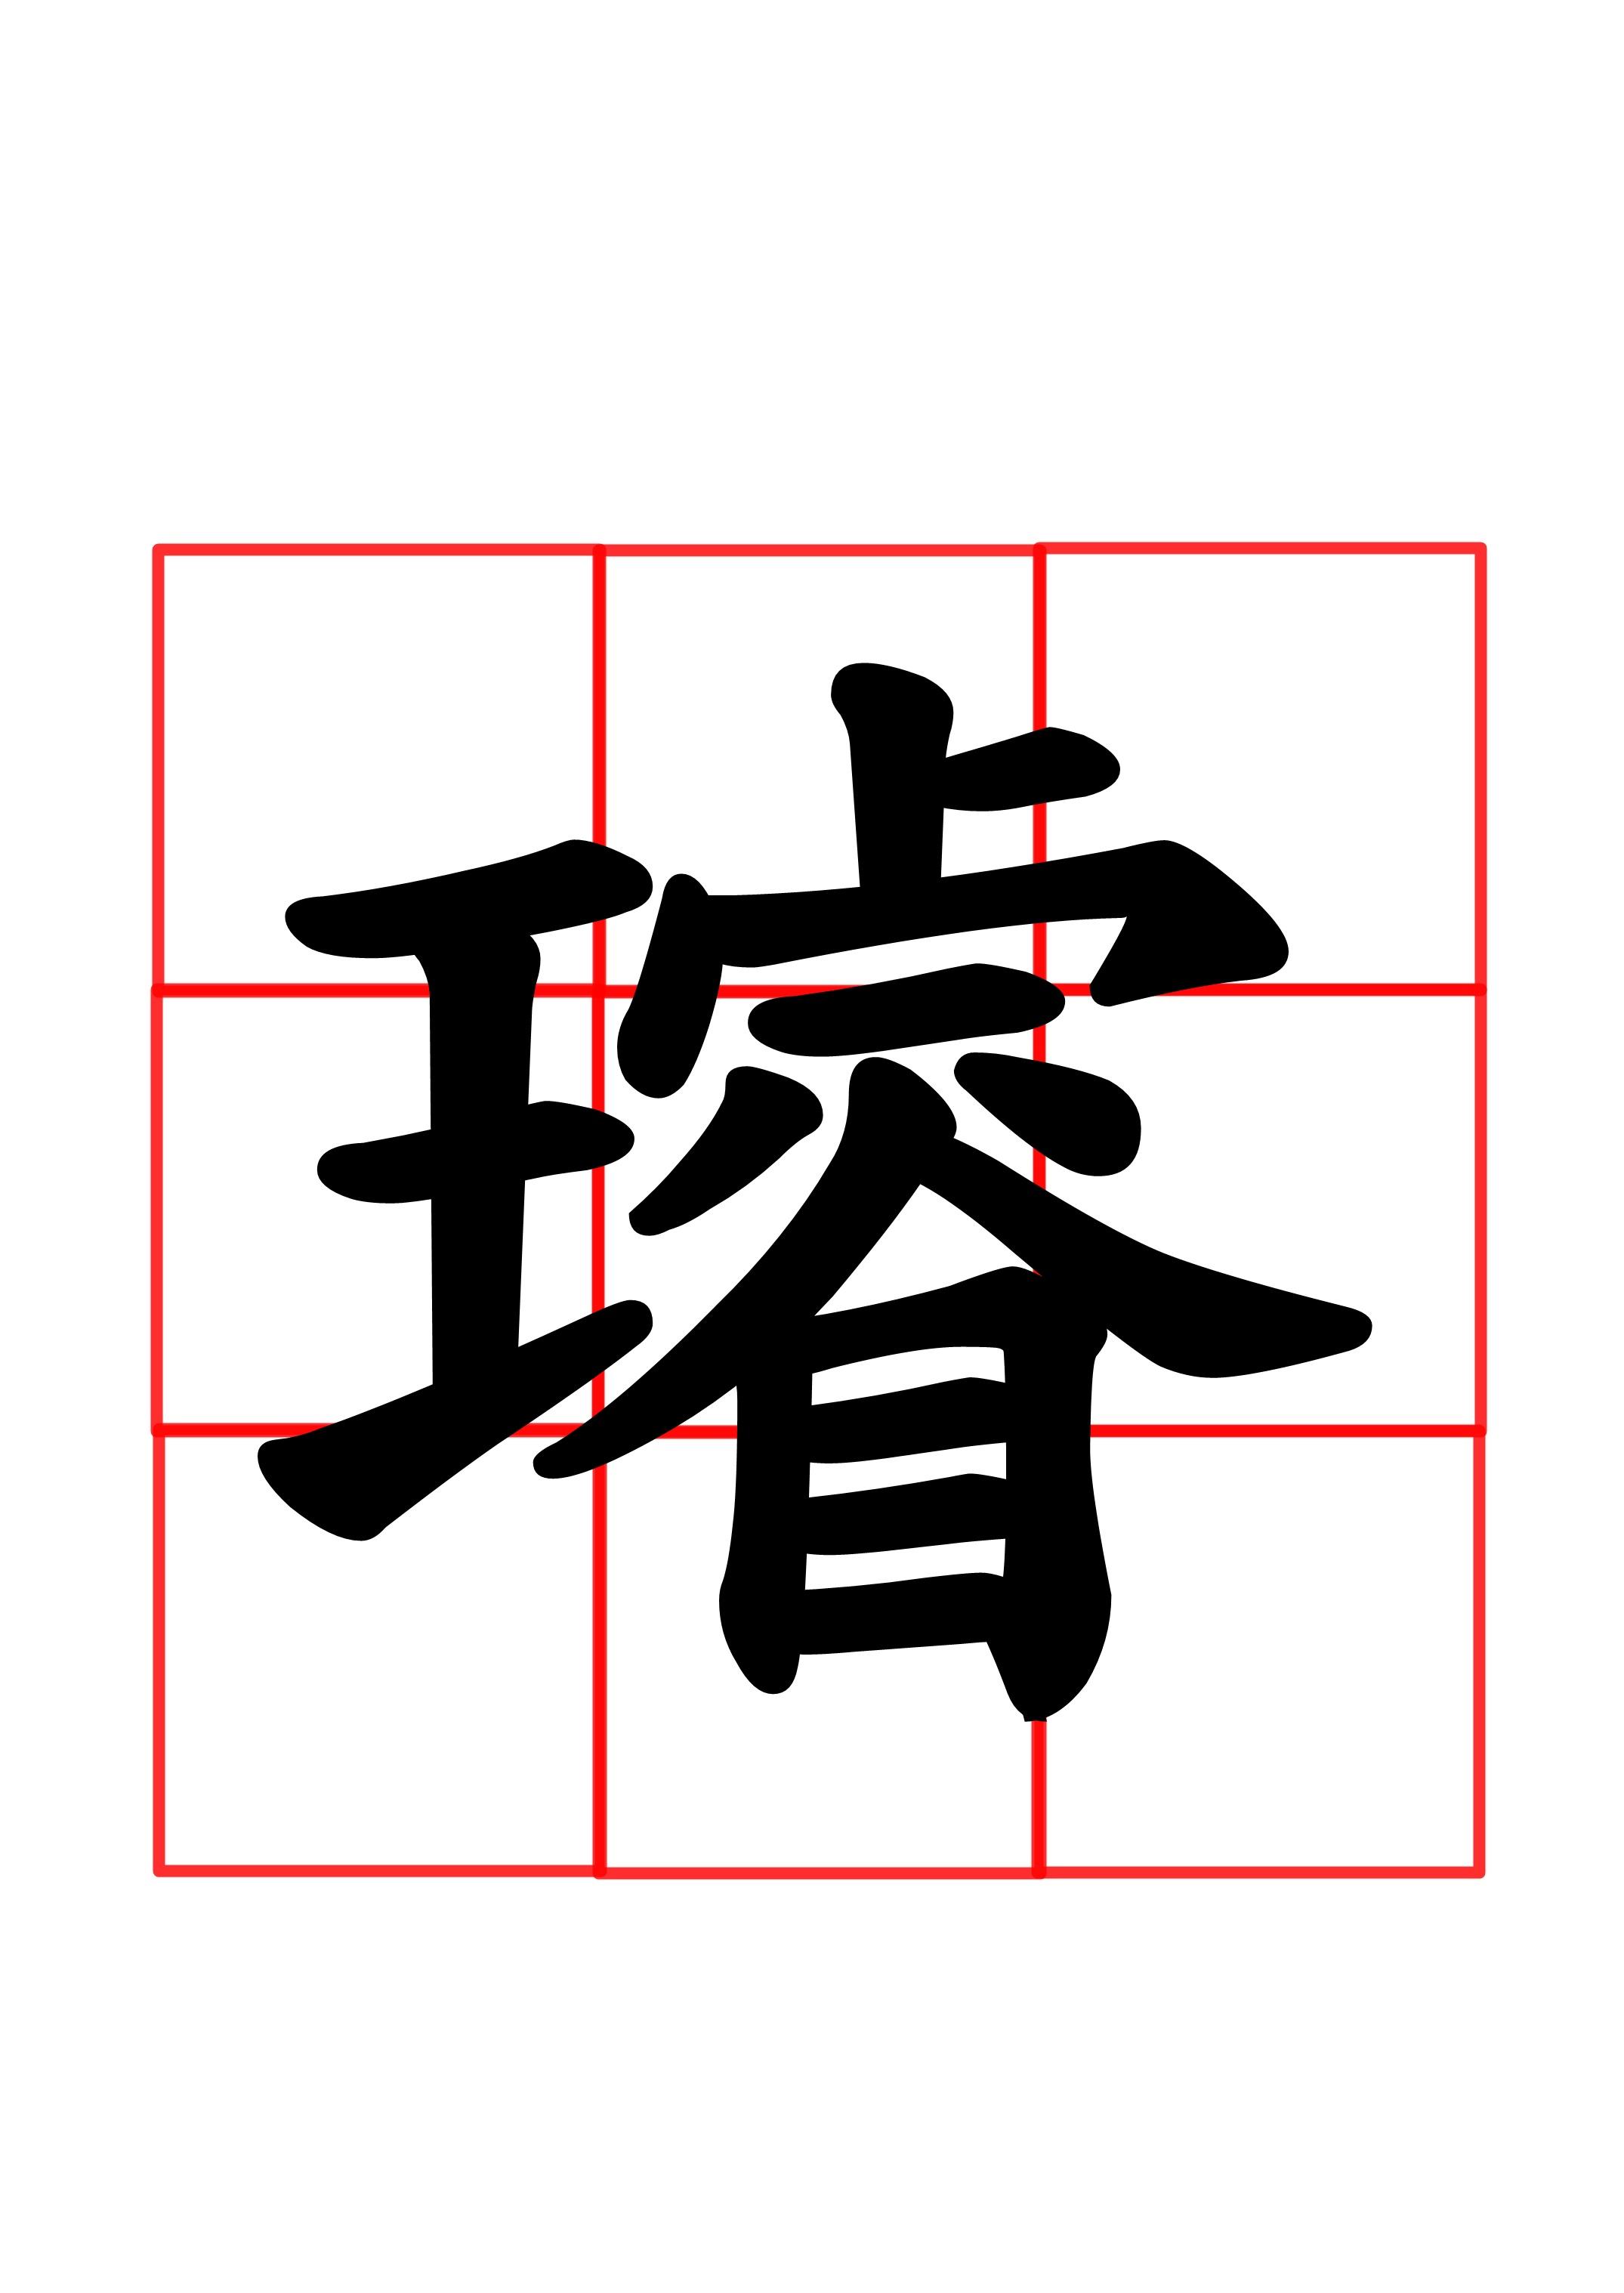 同場加映,還記得這個字嗎? 藝人范瑋琪和黑人陳建州在為雙胞胎兒子取名時而紅極一時的字 不是念ㄖㄨㄟˋ(音同:瑞)